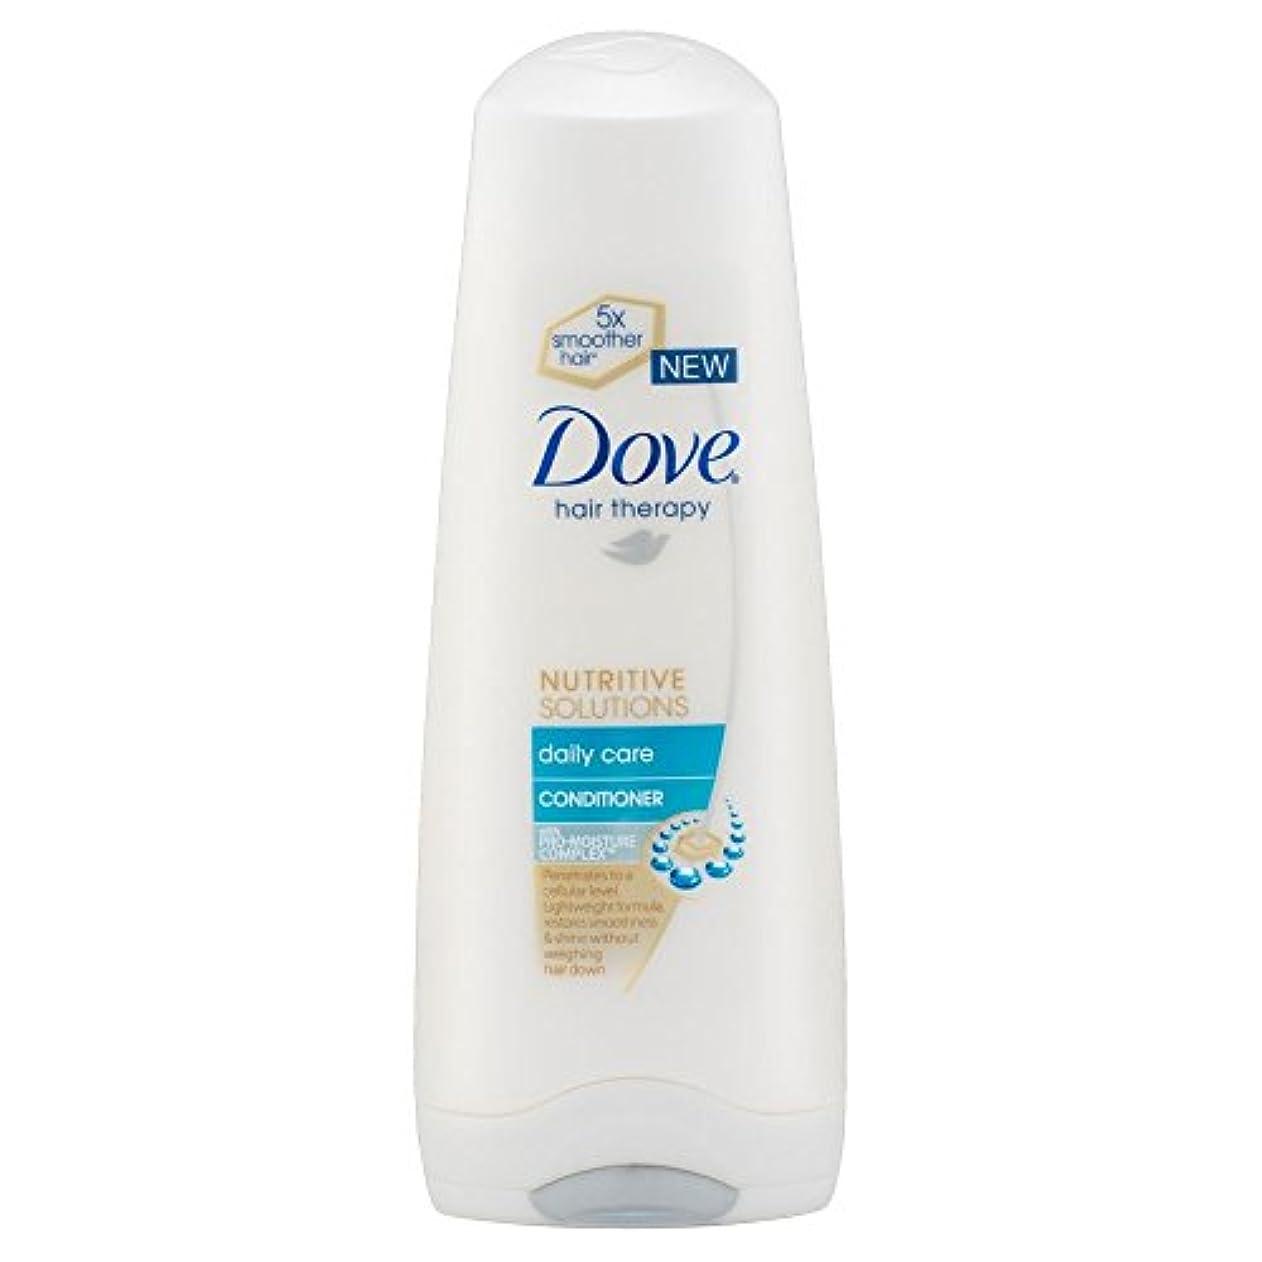 銀アラビア語戸棚Dove Damage Therapy Daily Care Conditioner (200ml) 鳩の損傷療法毎日のケアコンディショナー( 200ミリリットル) [並行輸入品]